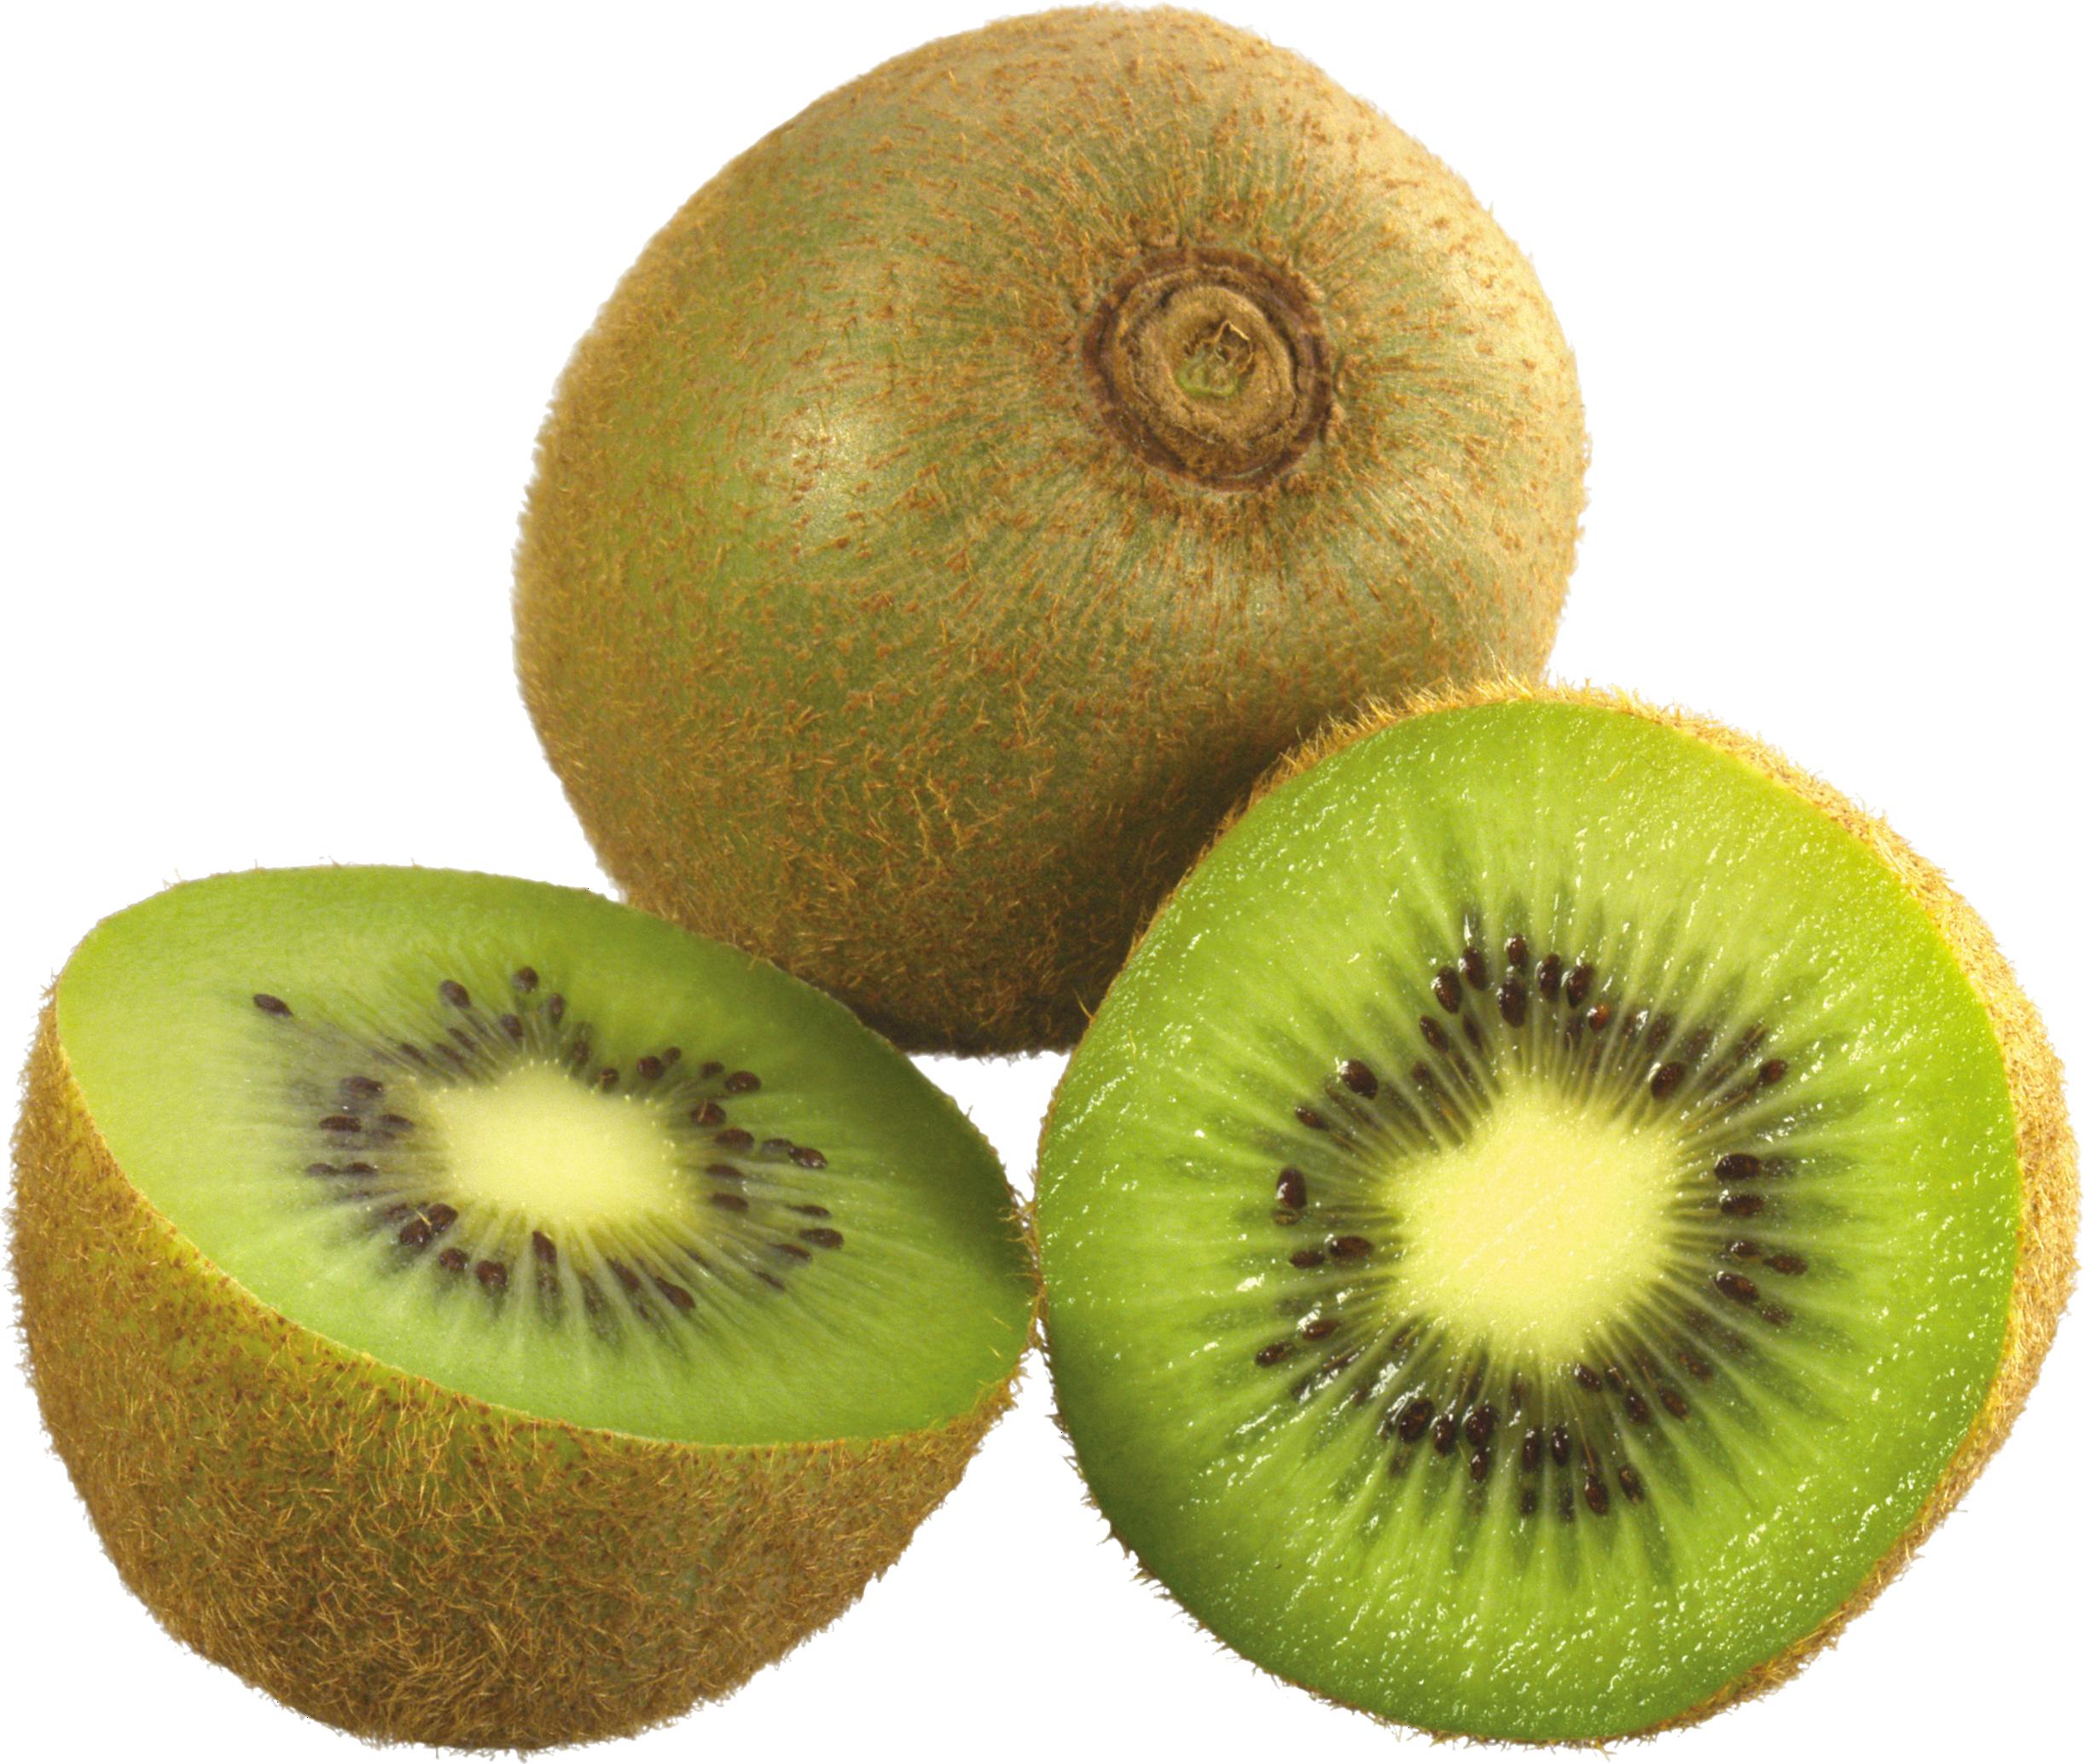 Kiwi PNG image, free fruit kiwi PNG pictures download - Kiwi HD PNG